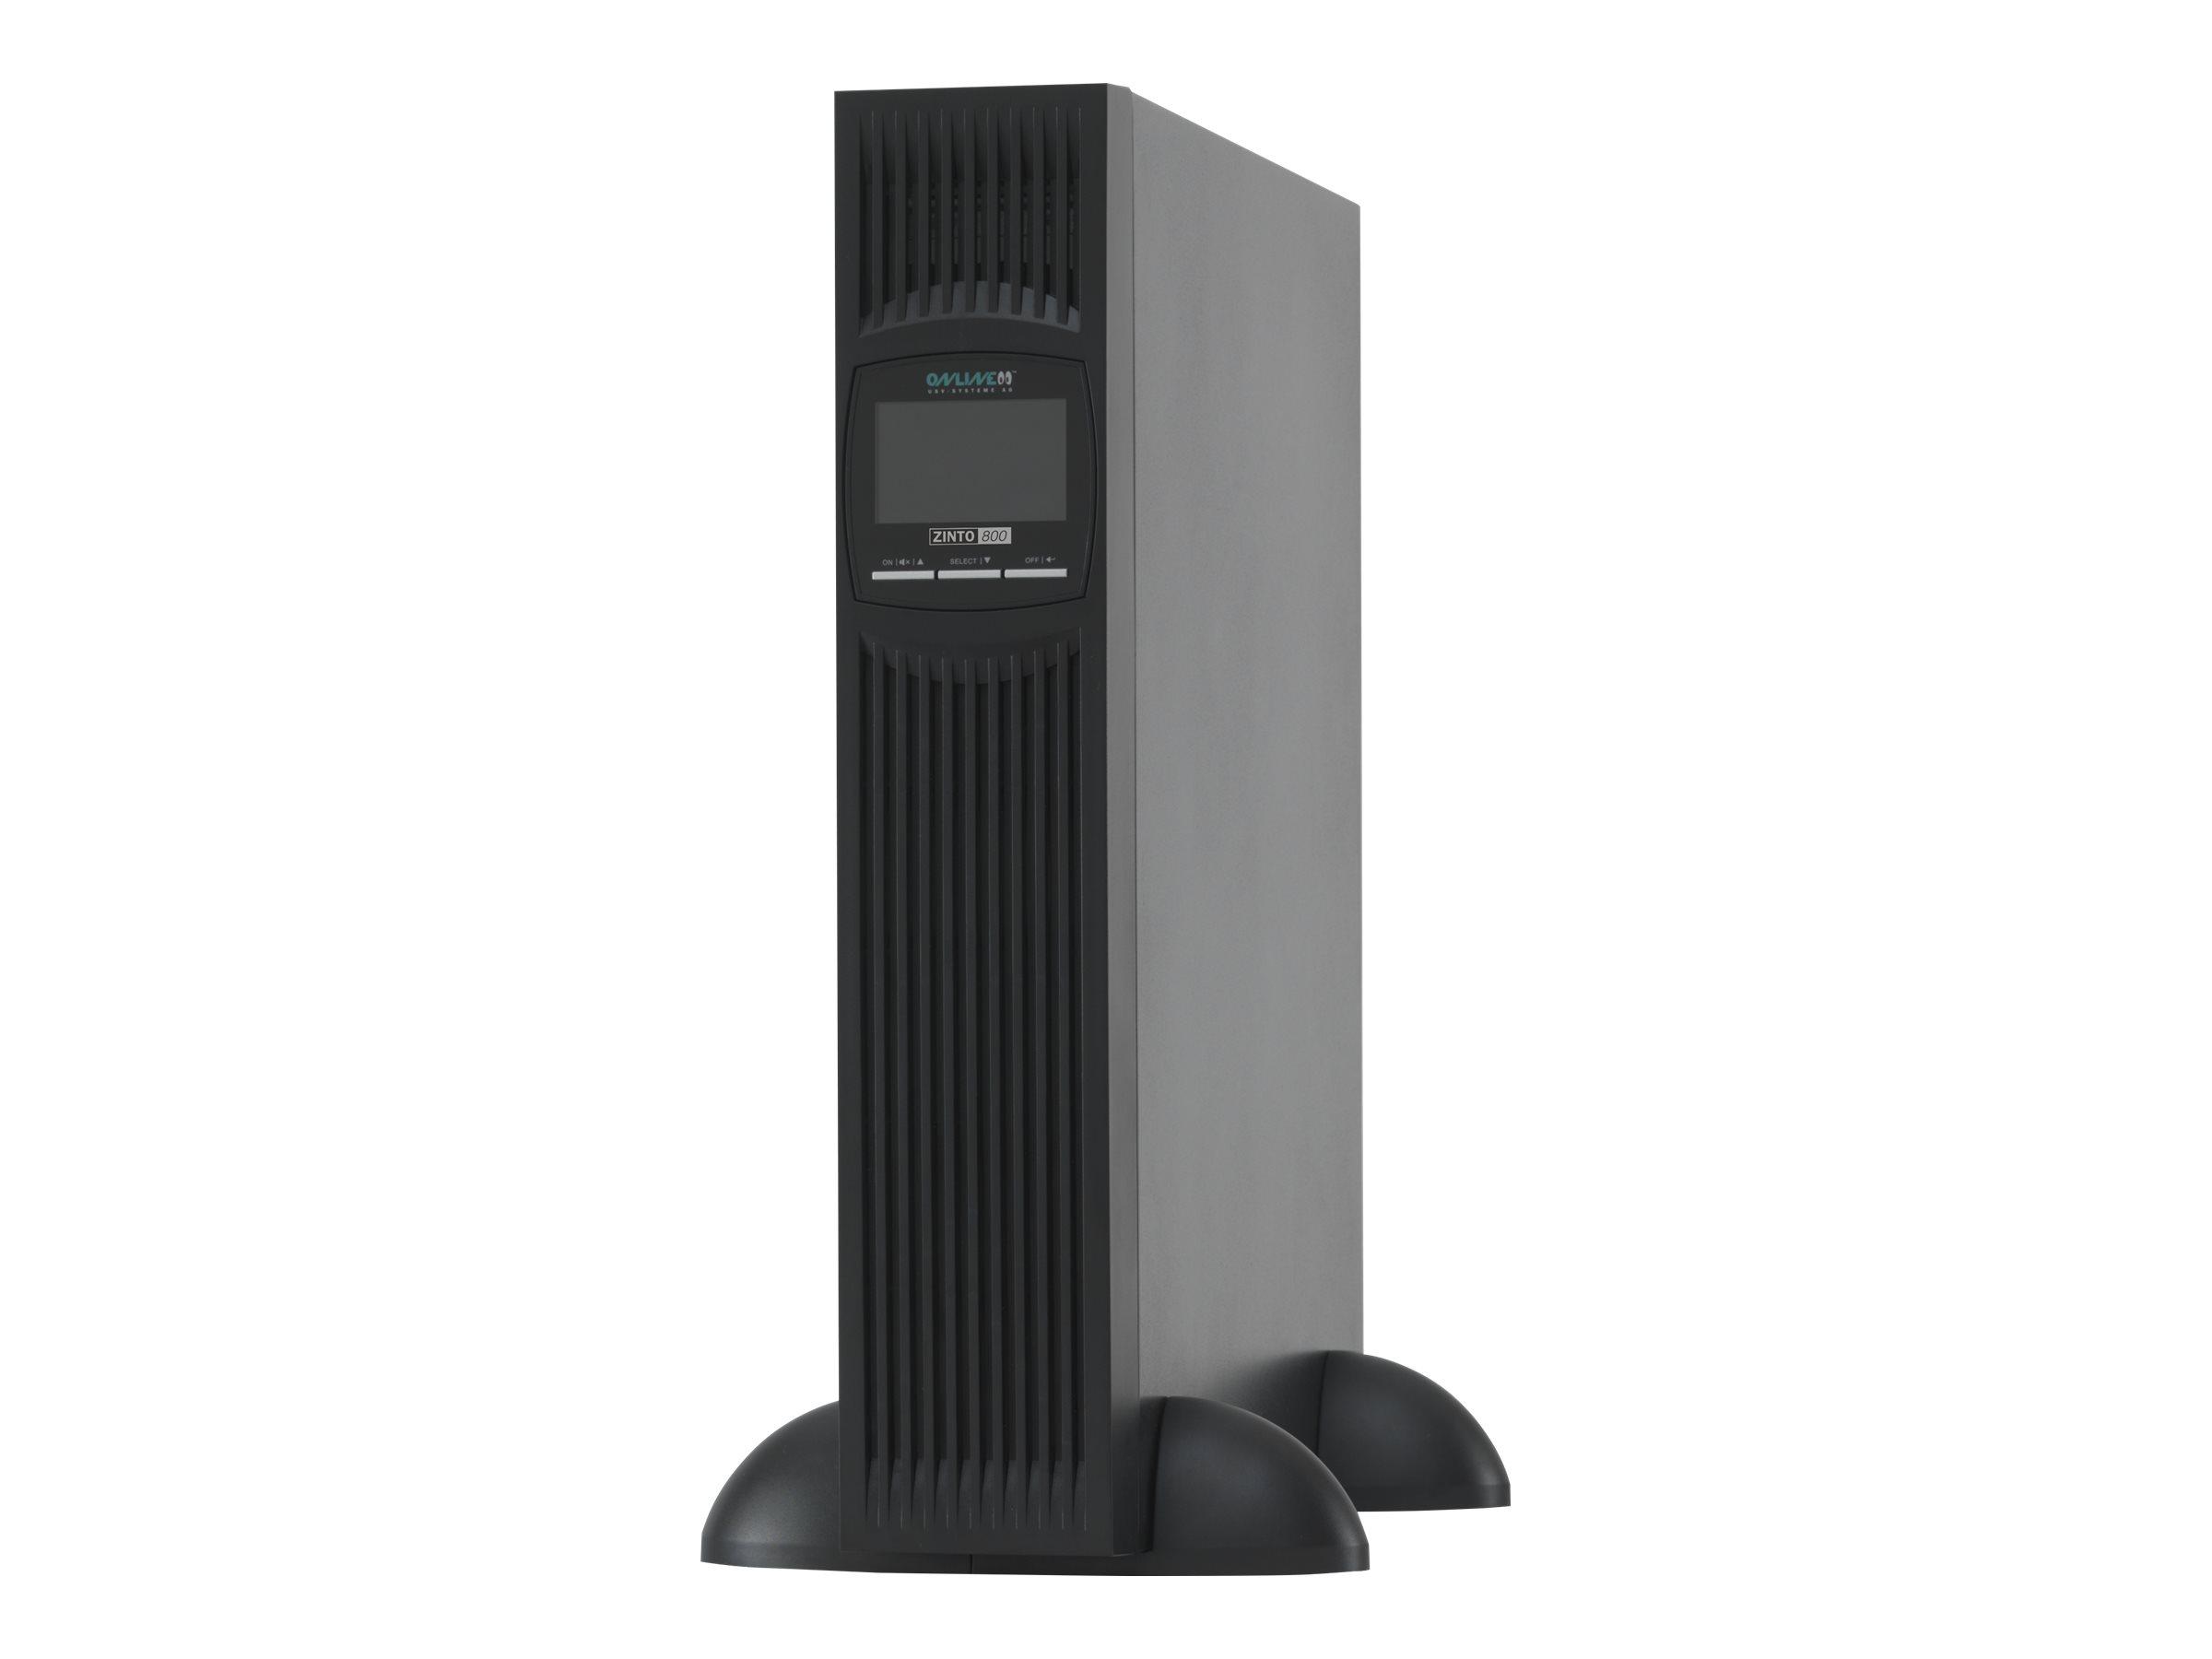 Online USV ZINTO 800 - USV (in Rack montierbar/extern) - Wechselstrom 230 V - 720 Watt - 800 VA - RS-232, USB